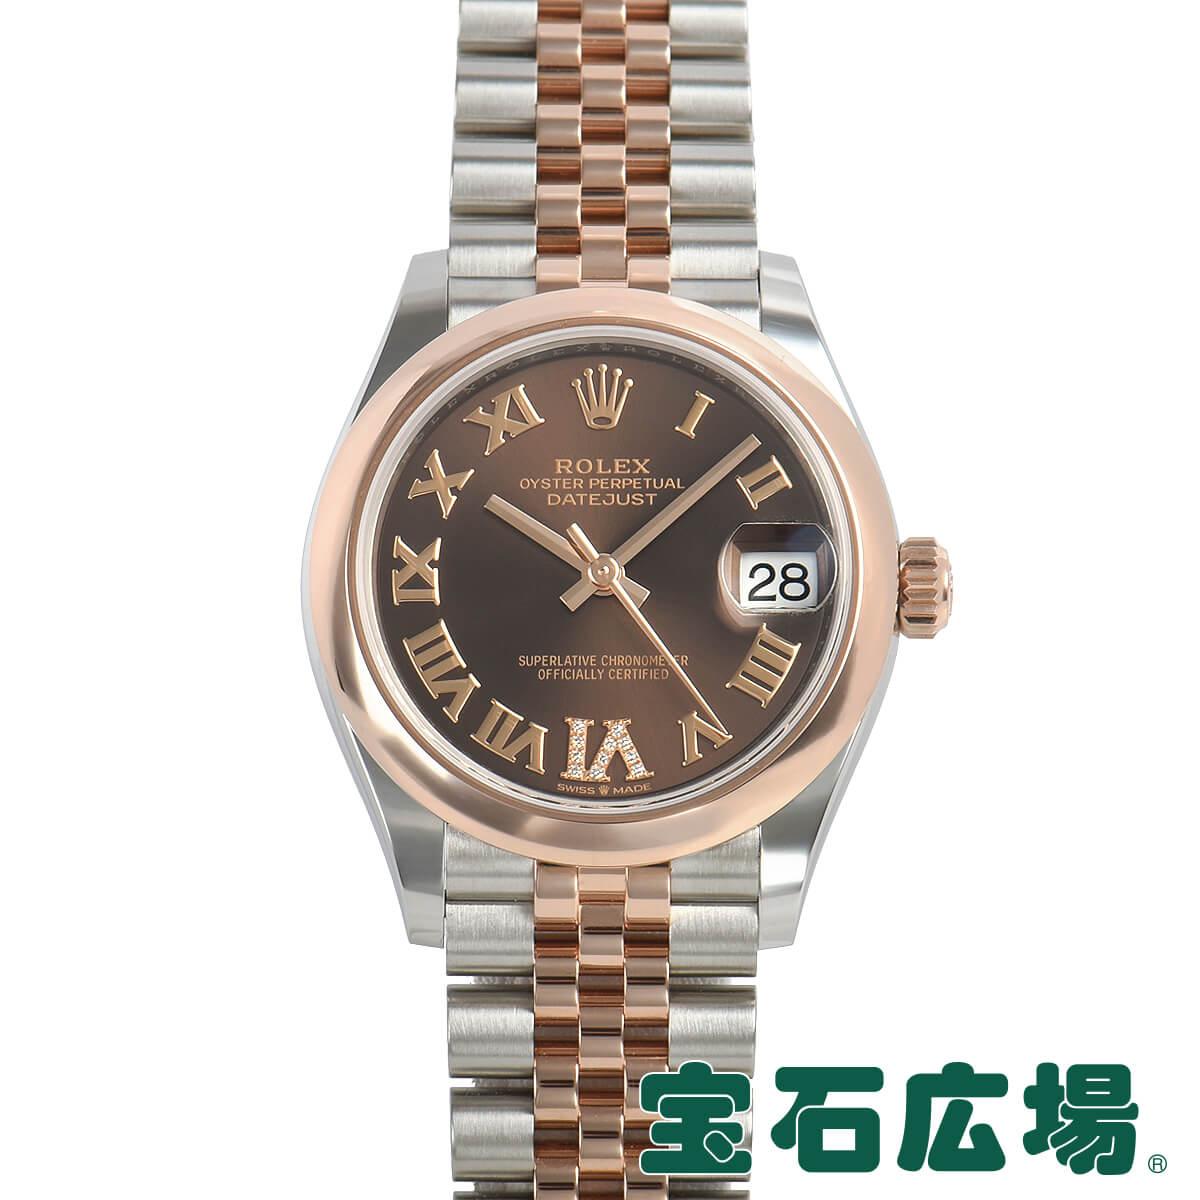 ロレックス ROLEX デイトジャスト31 278241【新品】ユニセックス 腕時計 送料・代引手数料無料